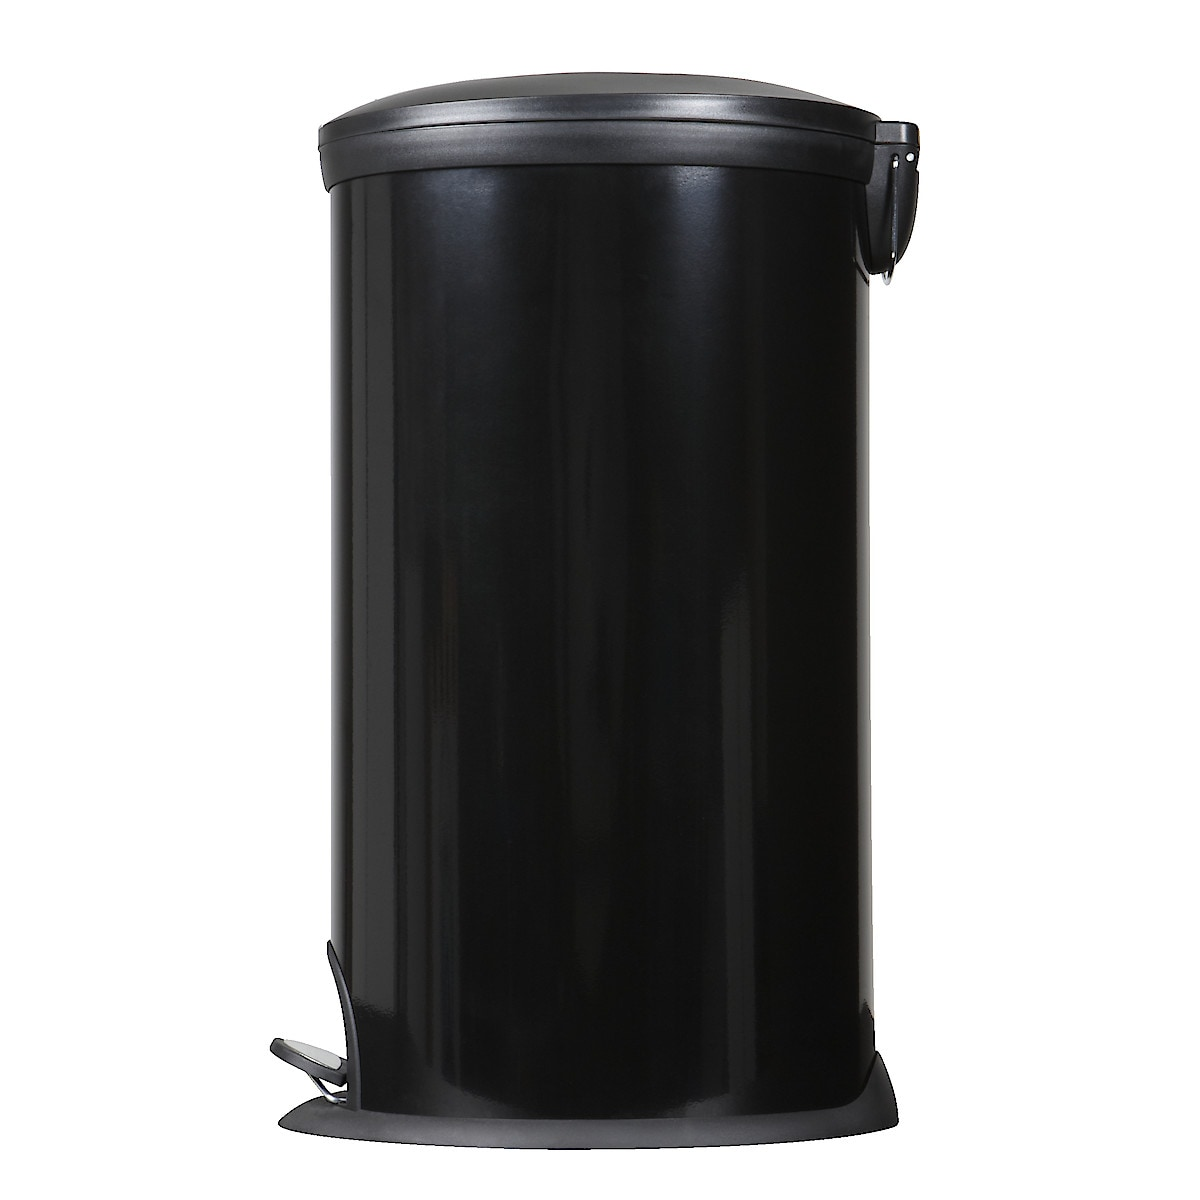 Pedalhink 30 liter